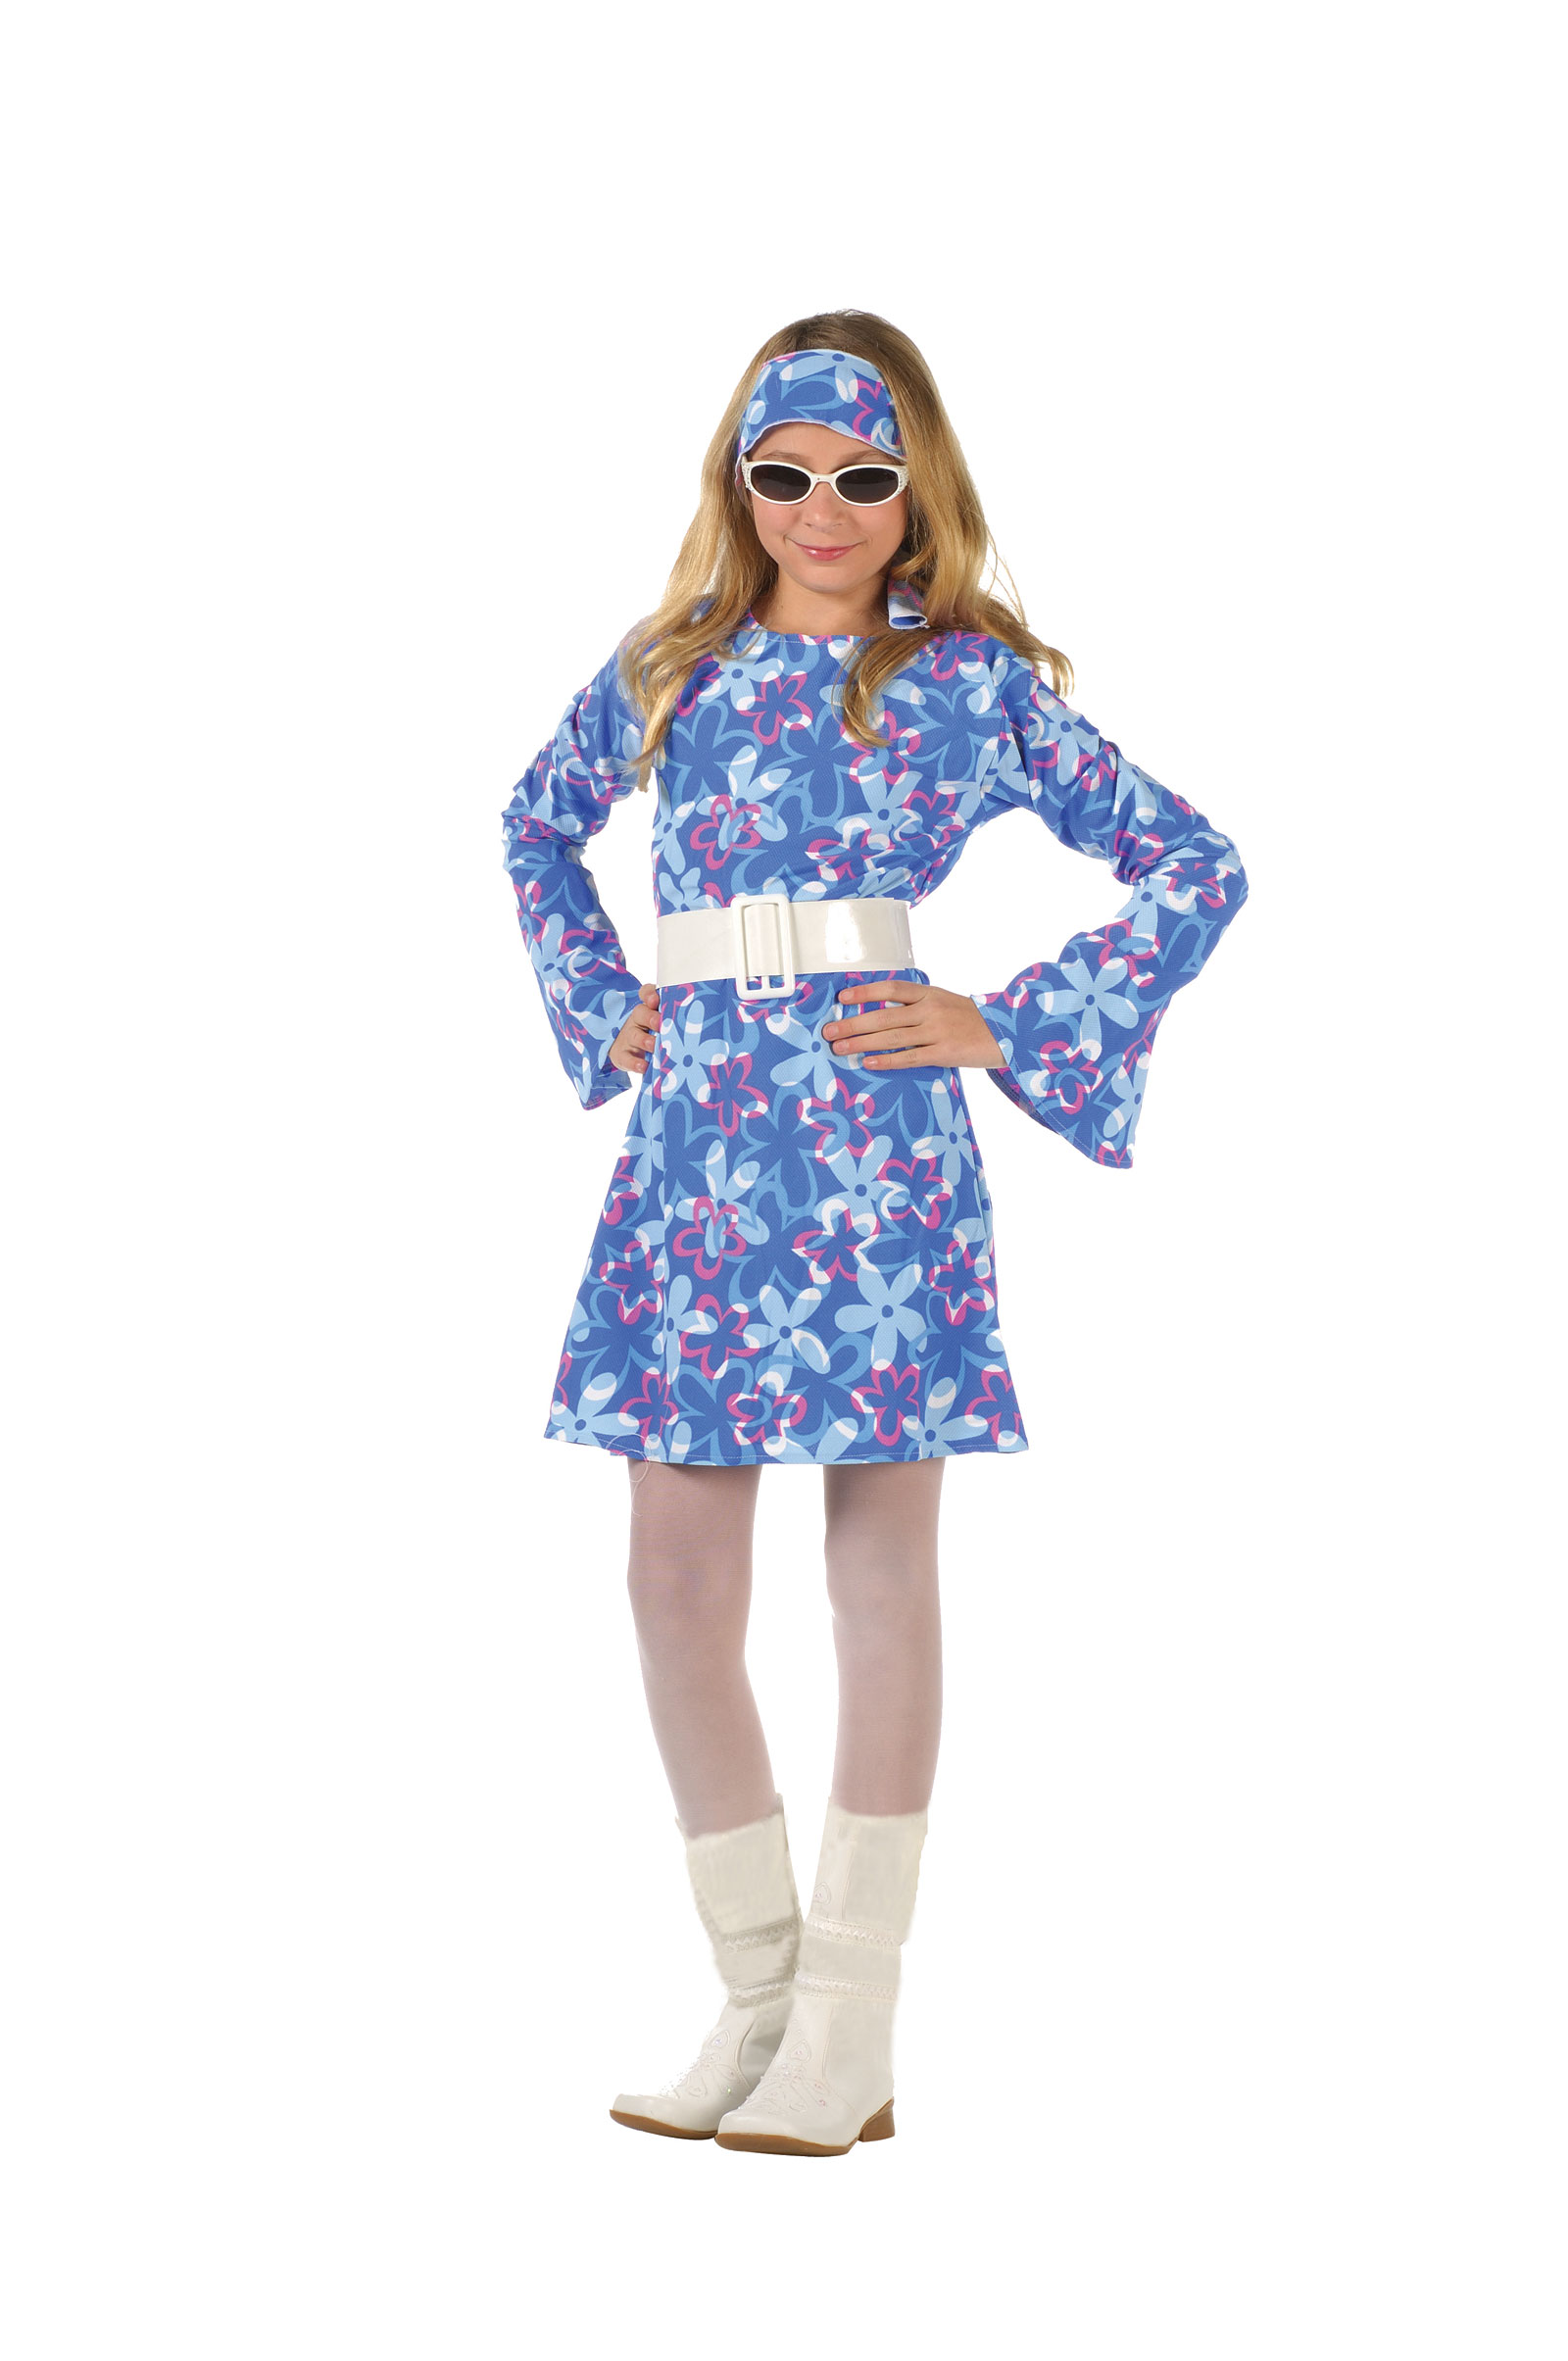 RG Girls Costume Style 70s Fever 1970s Flower Girl Dresses